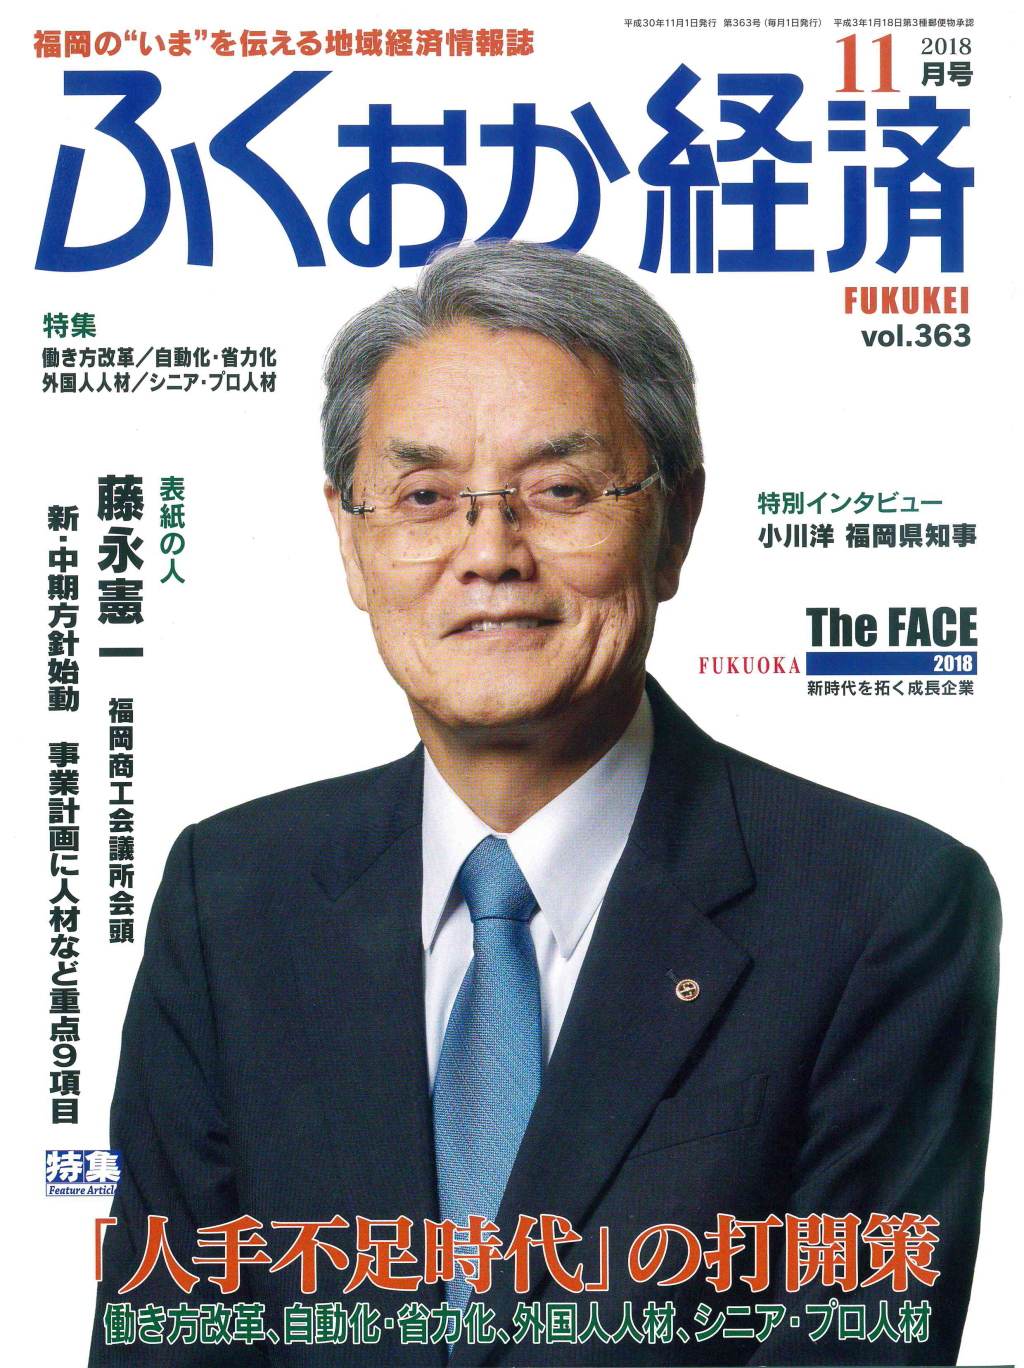 fukukei201811